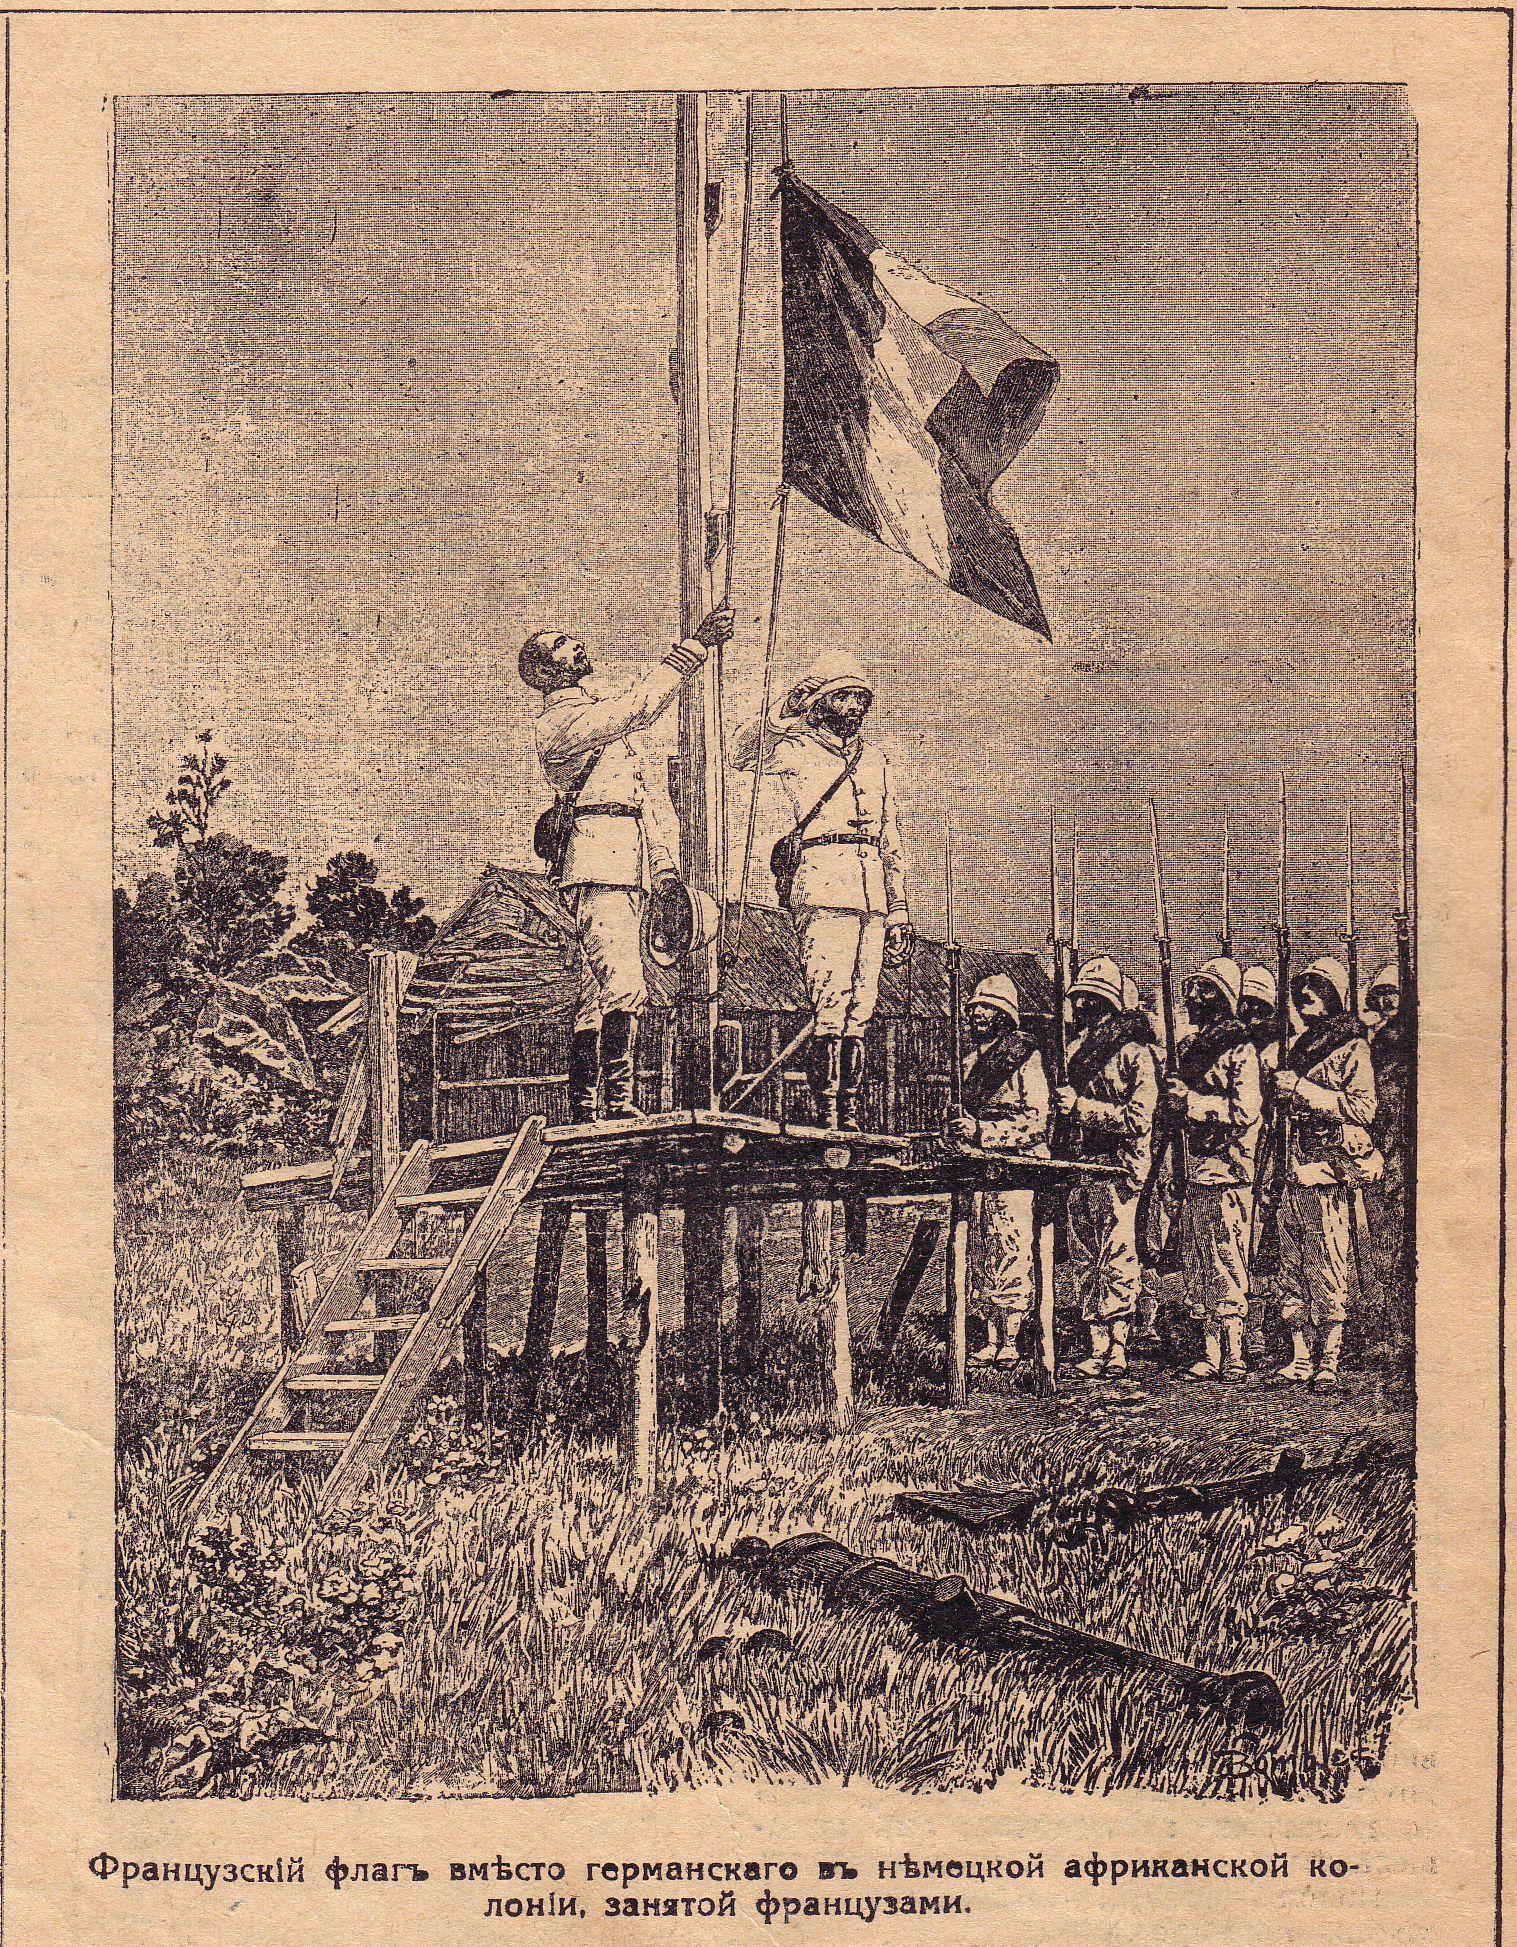 взятие русскими войсками турецкой крепости эрзерум